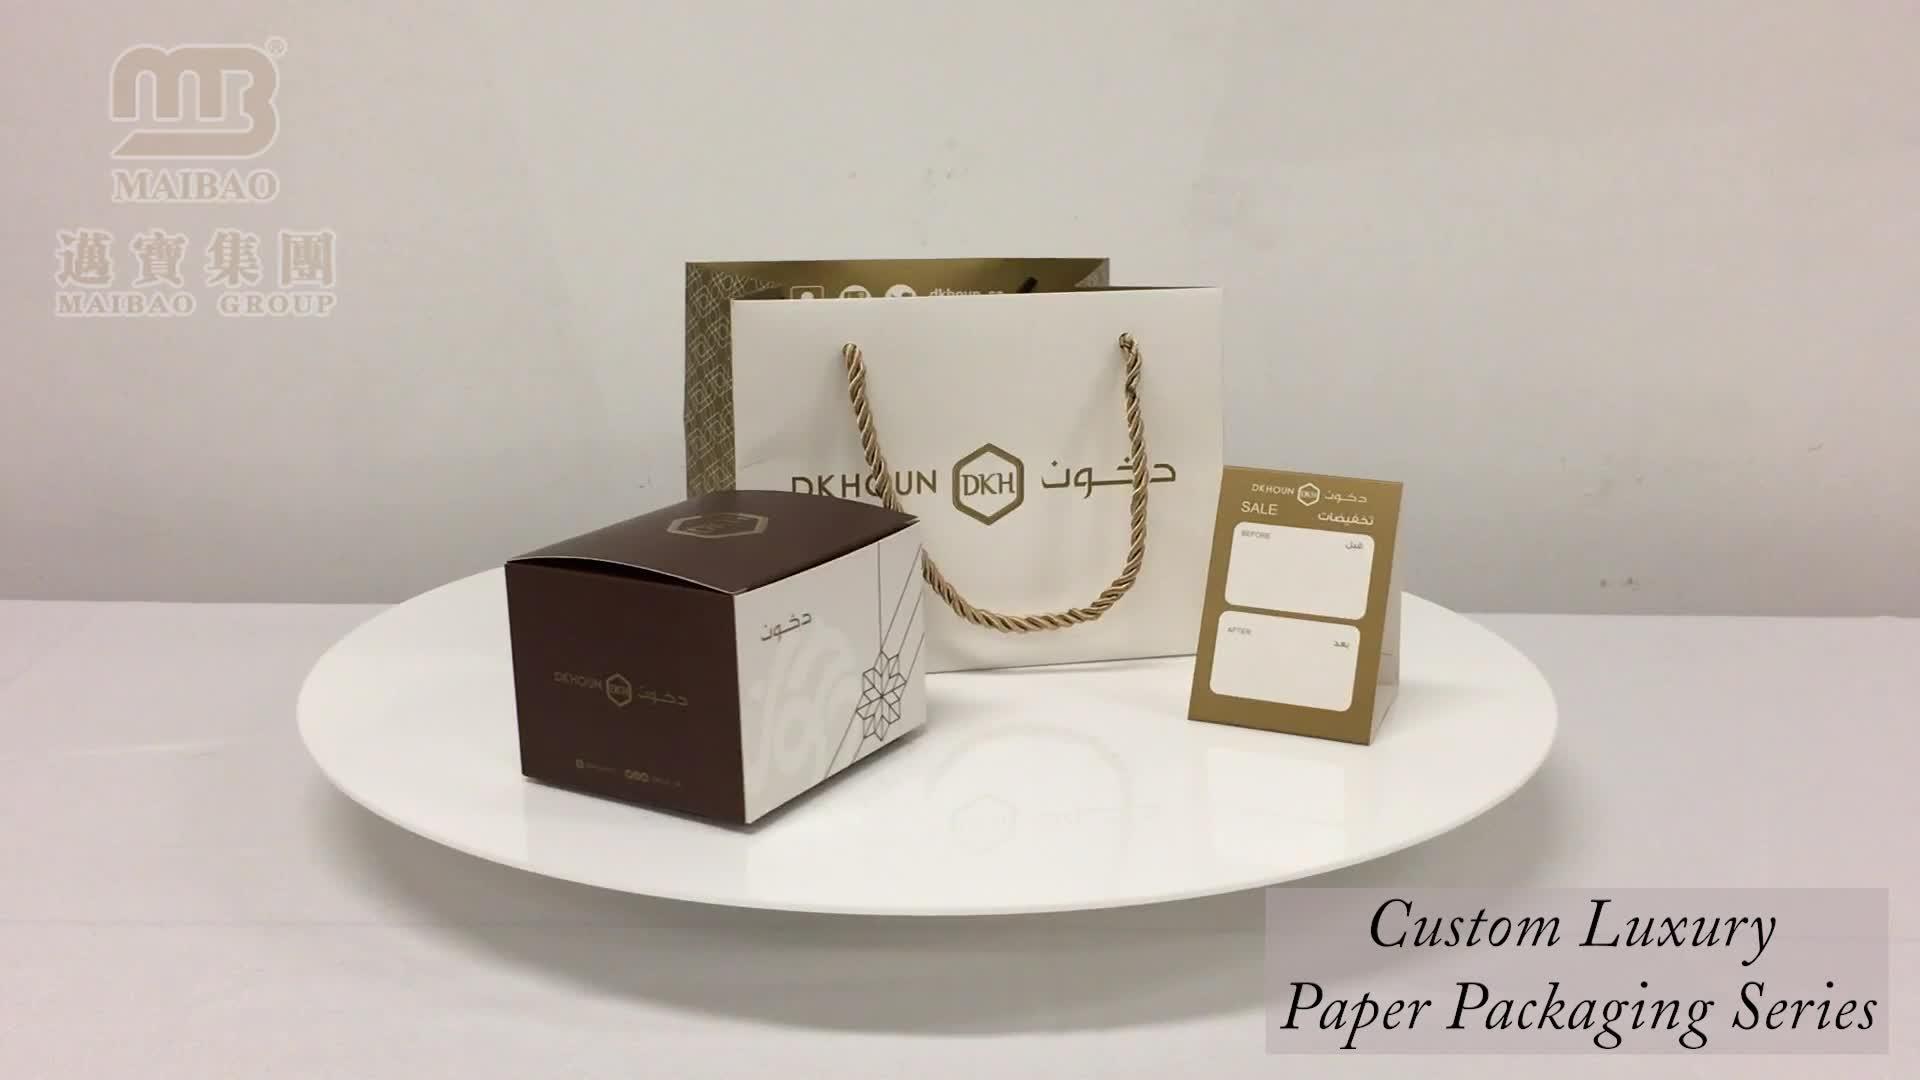 卸売プレゼント包装カスタマイズされたゴールドグリッター紙ギフトバッグ